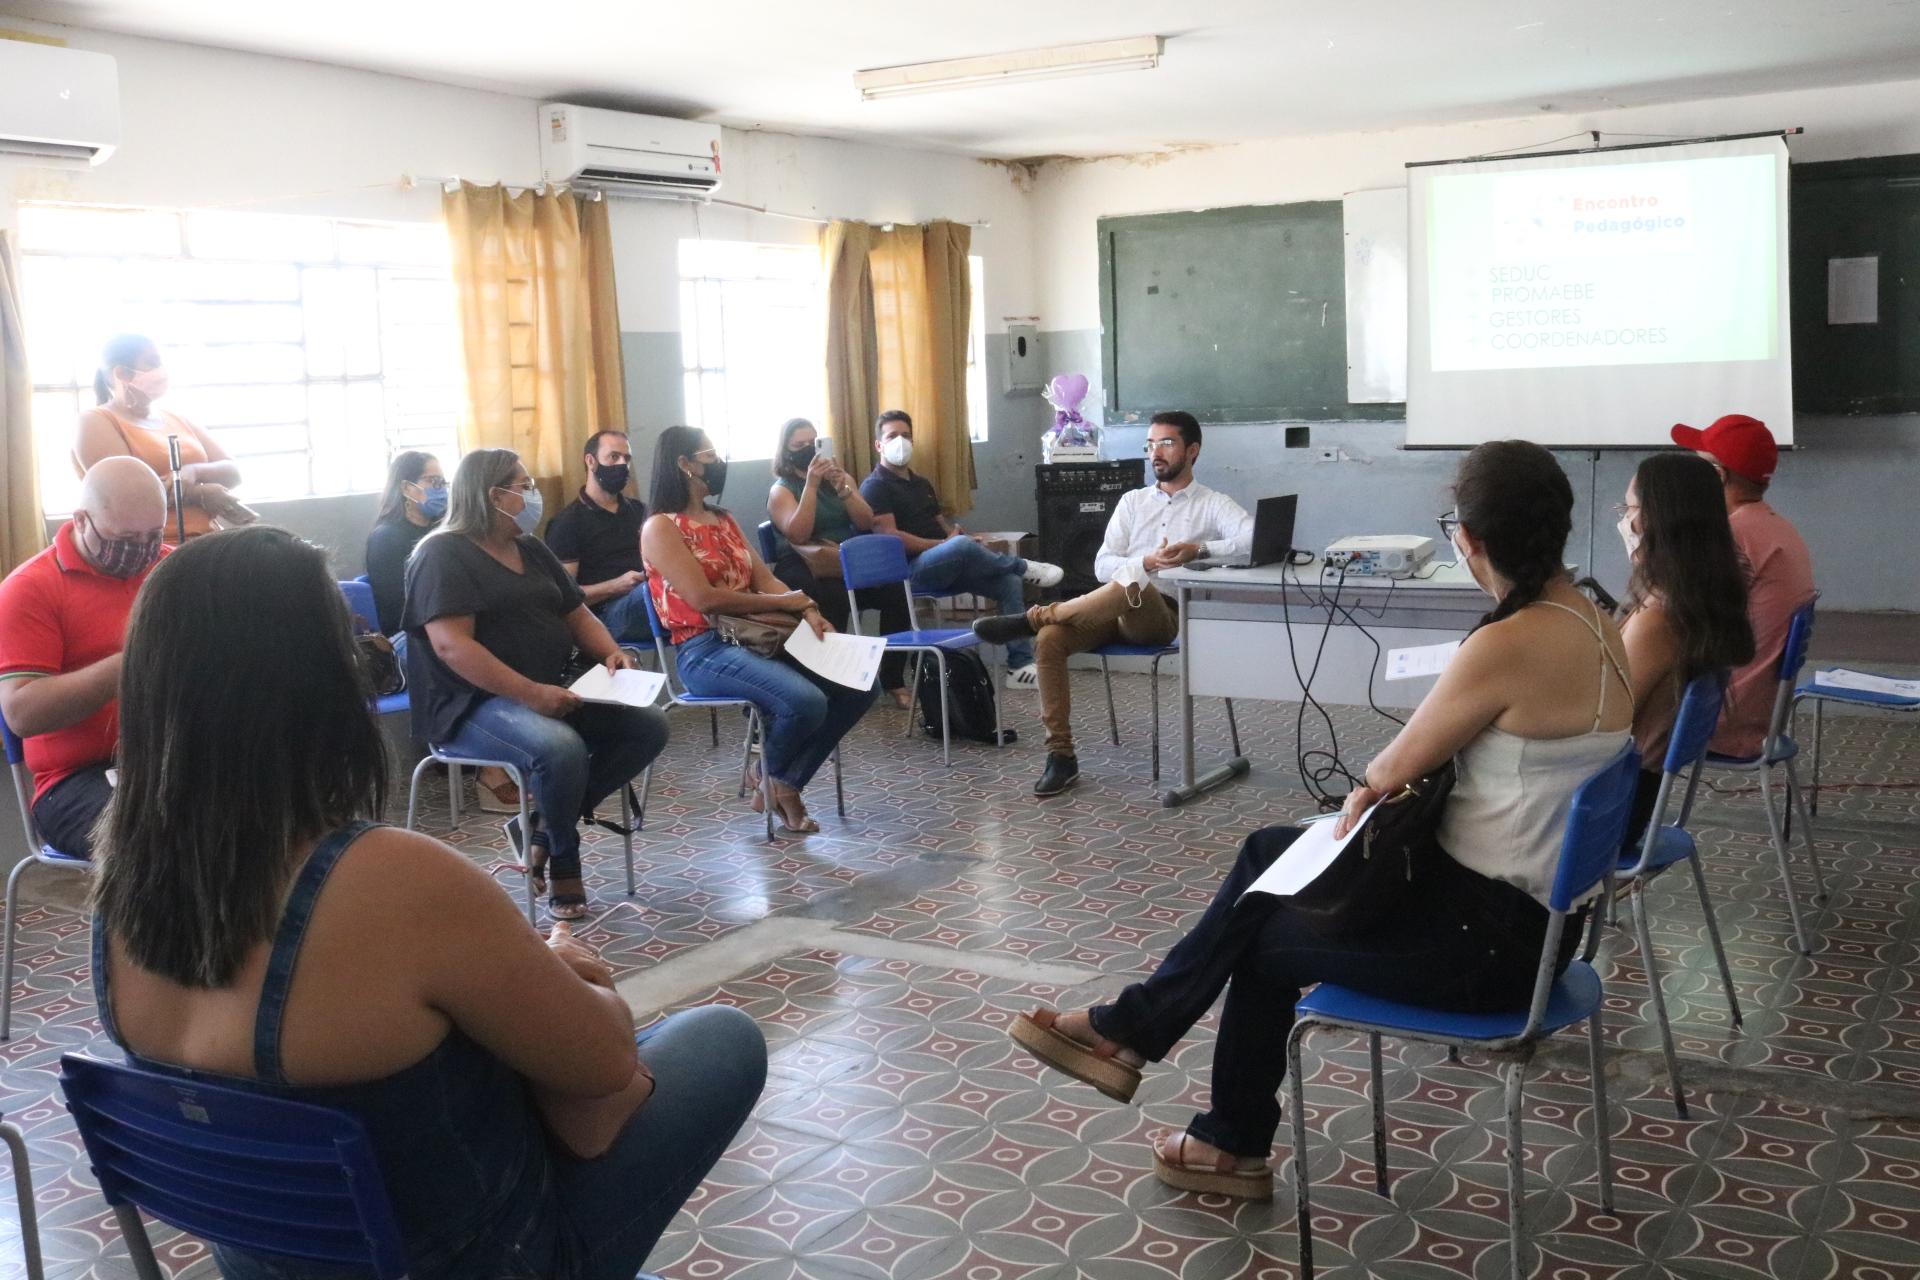 Encontro pedagógico reúne profissionais da educação em Belmonte